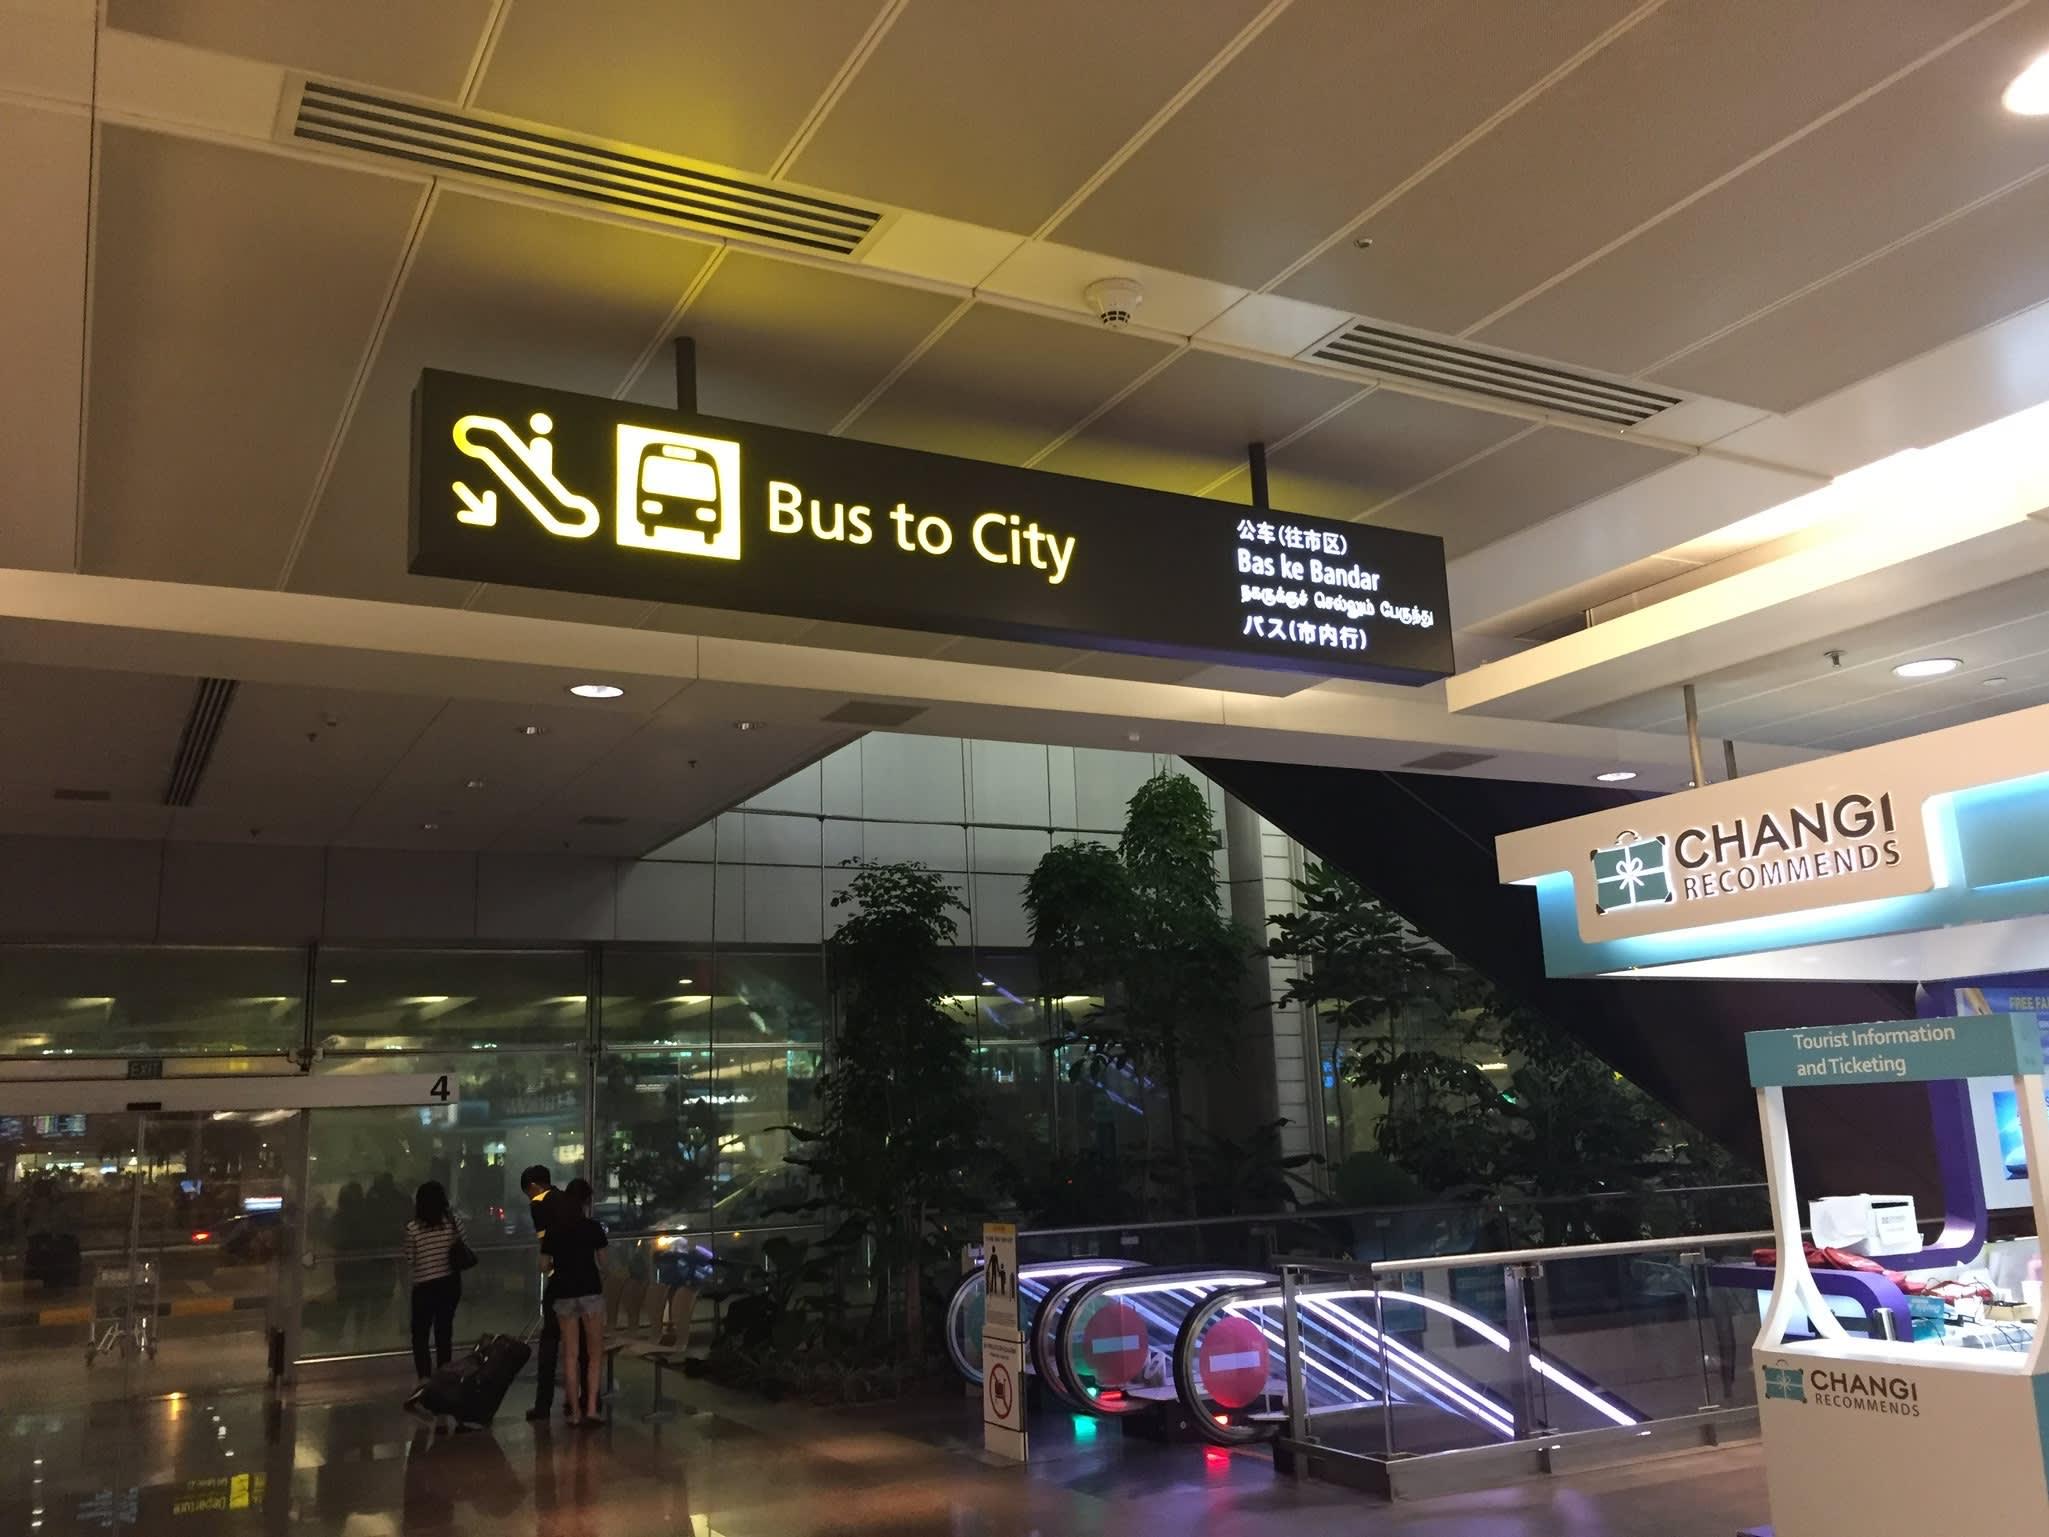 巴 士 就 在 機 場 的 地 下 室 。